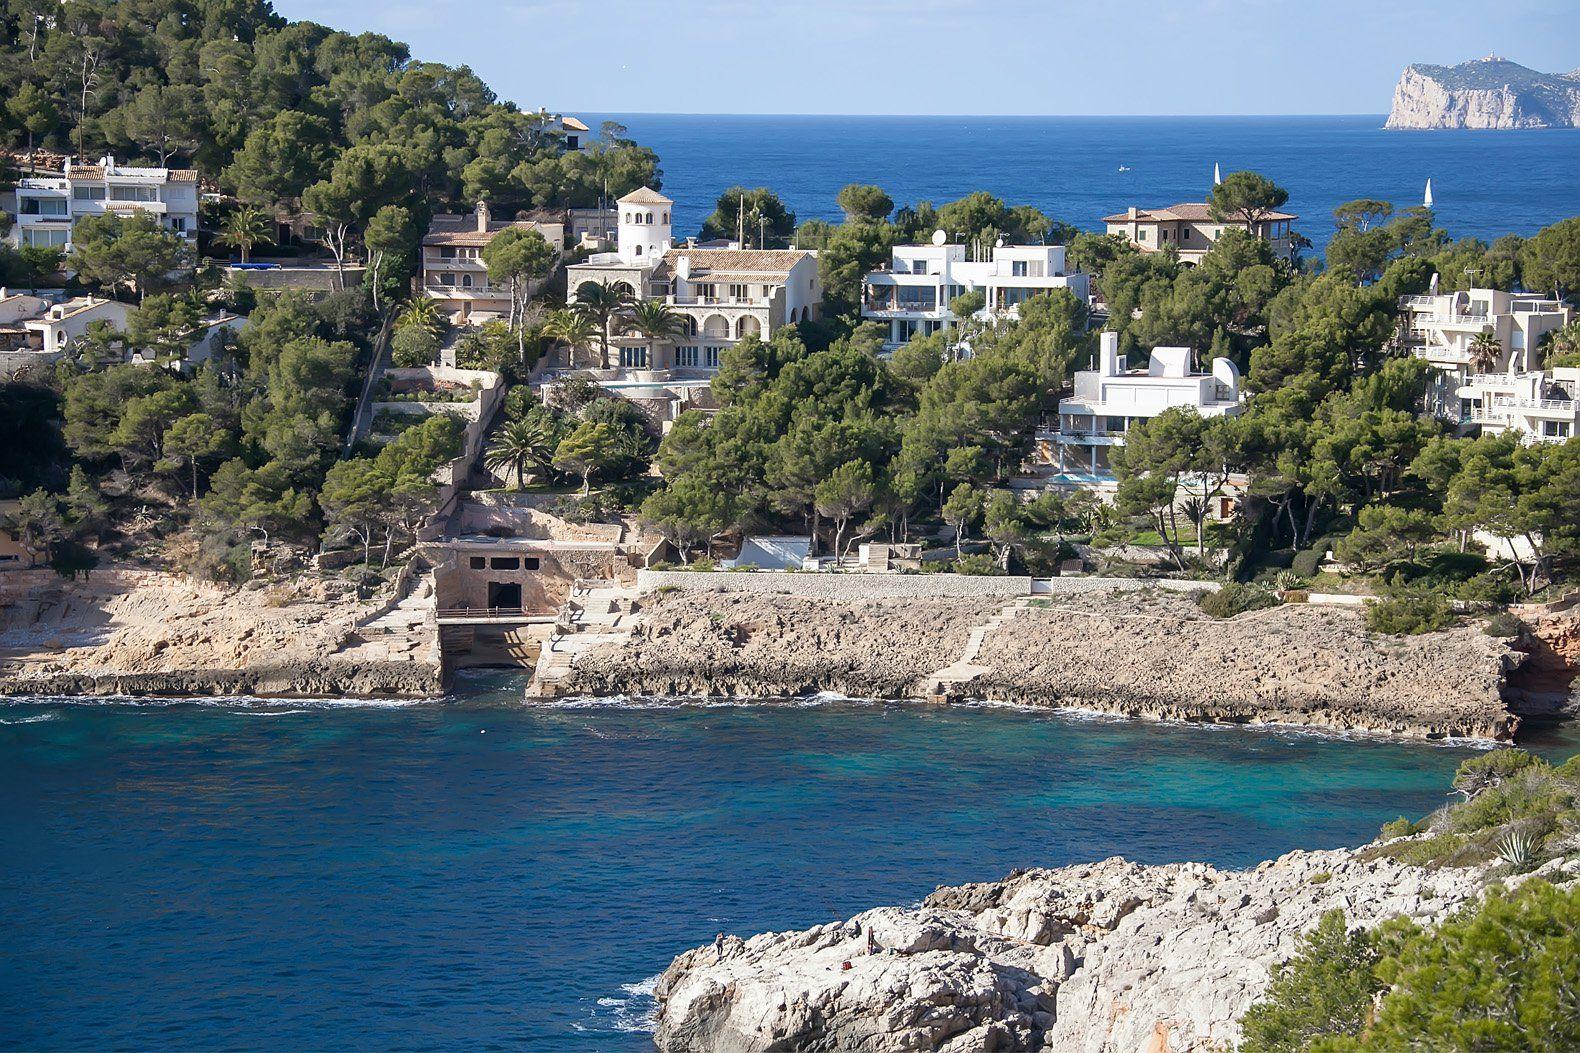 Sea side villas in Mallorca. Mallorca Spain Villa